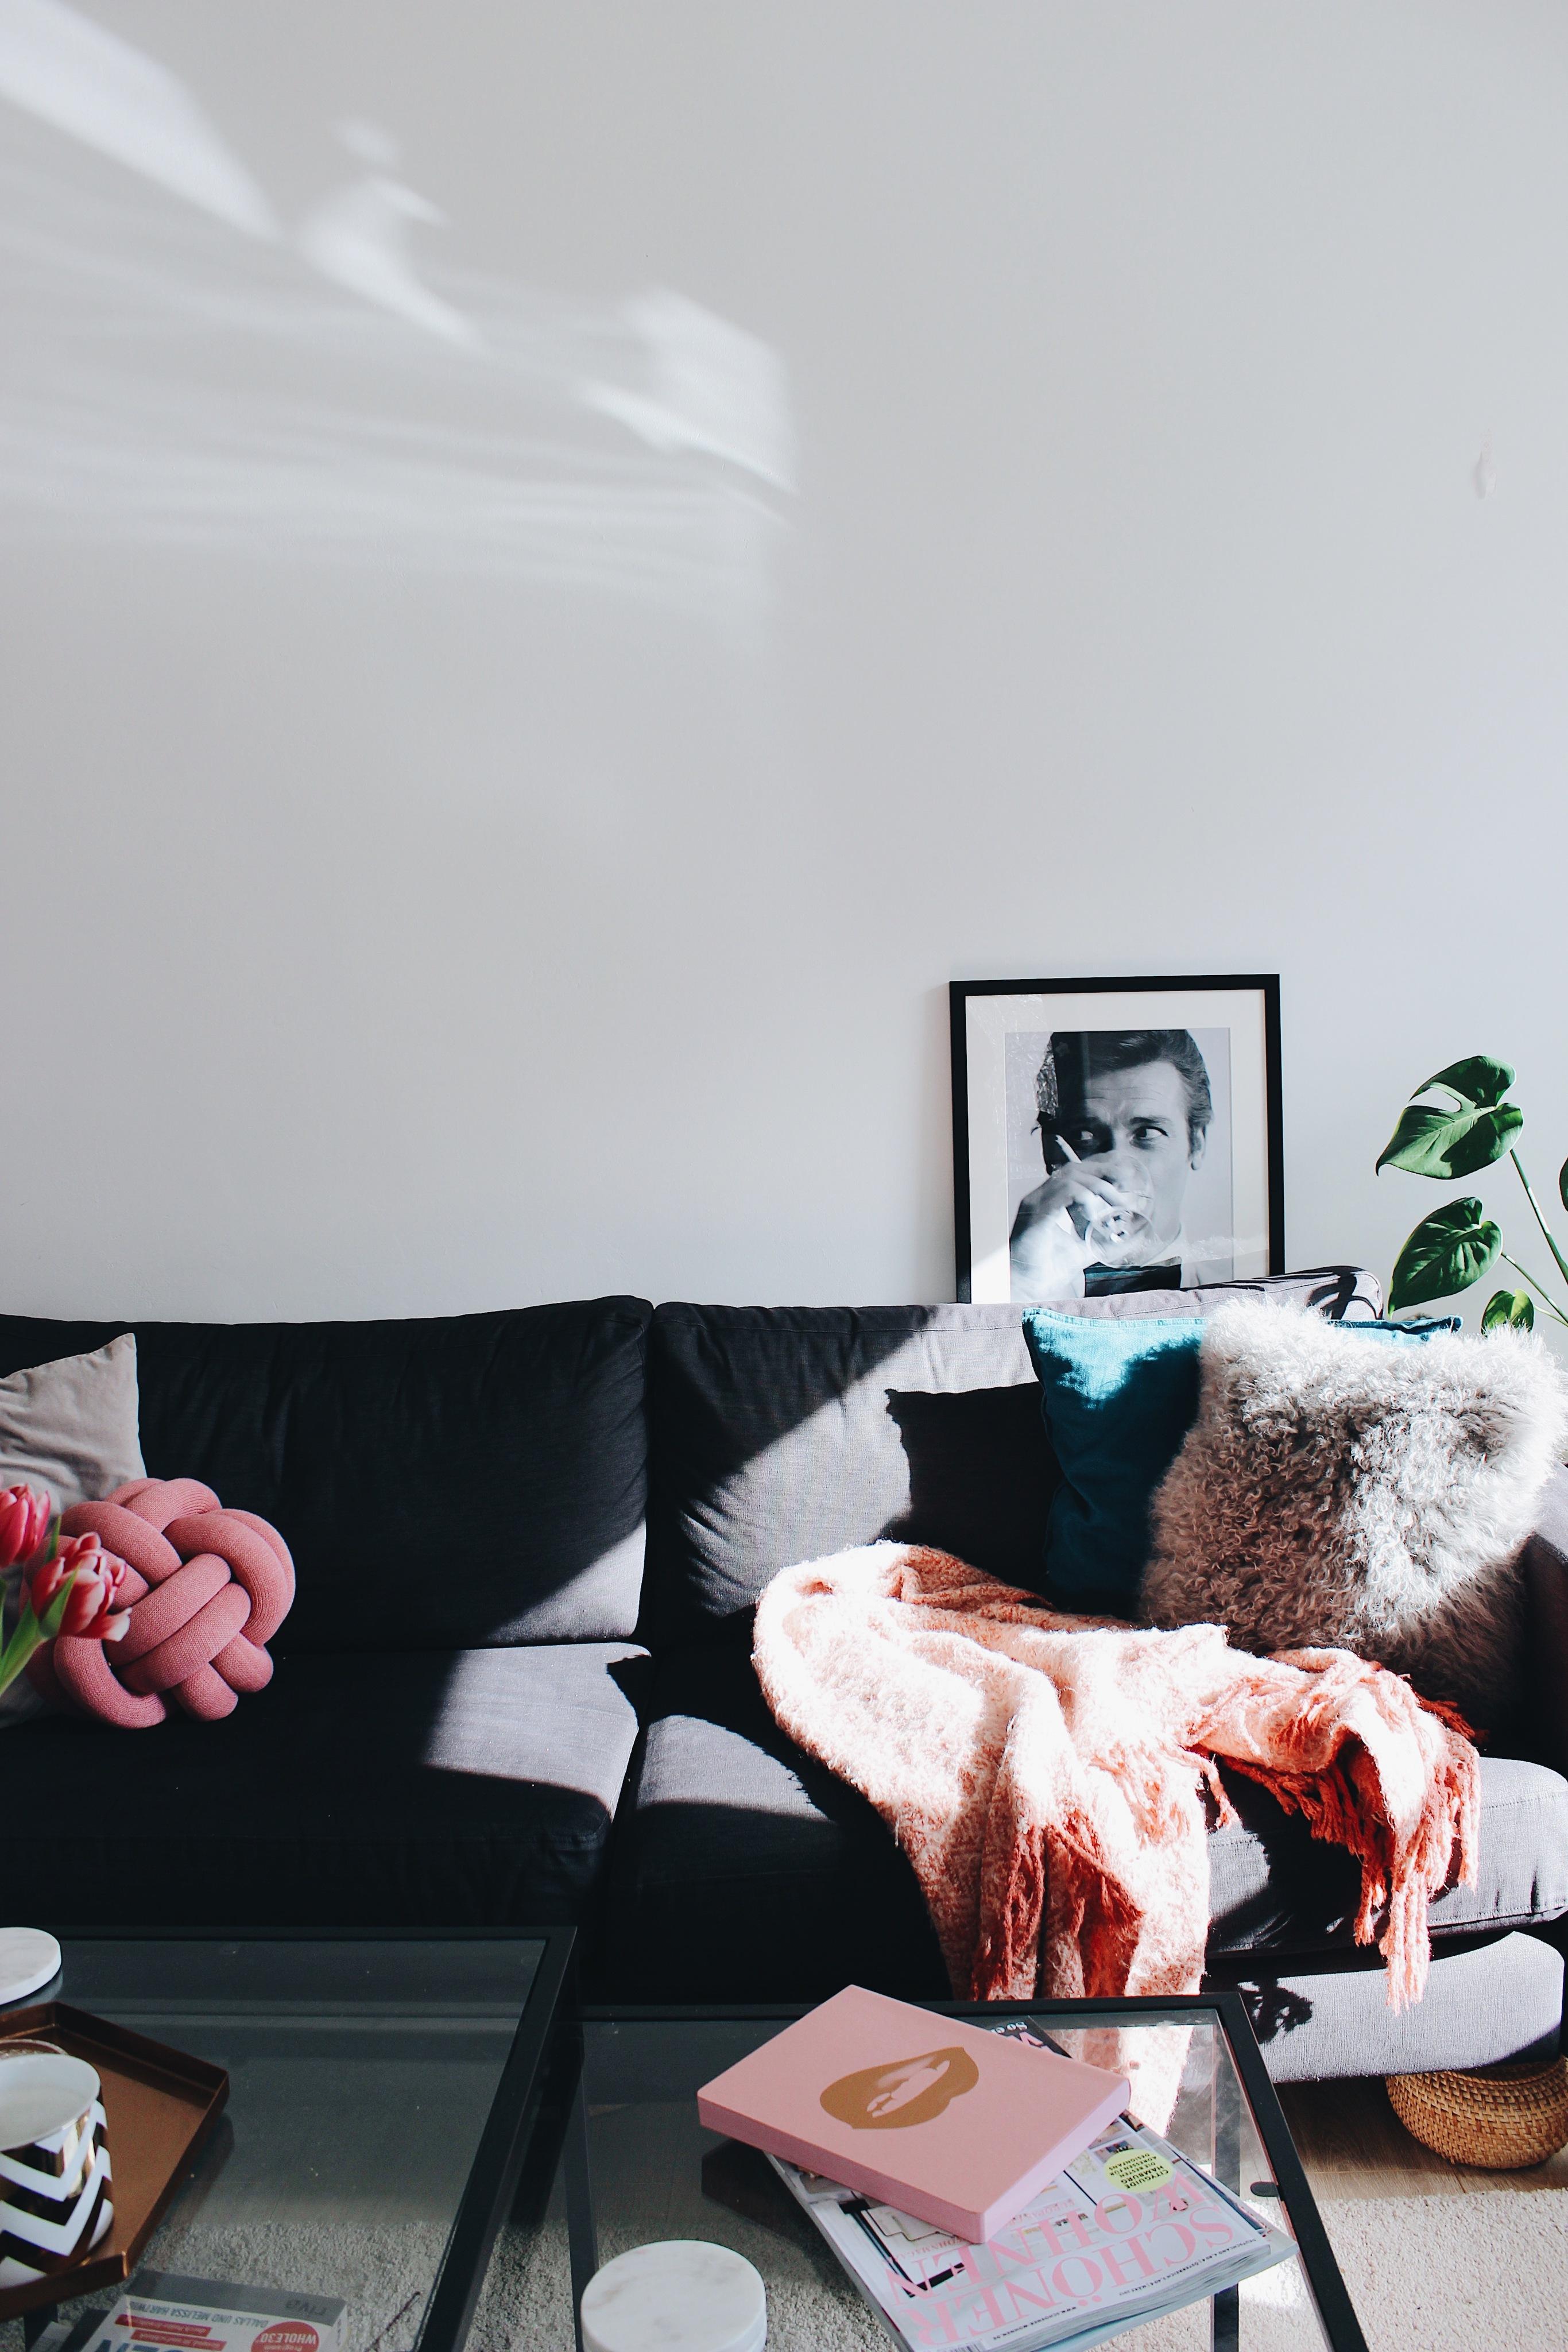 die couch couchstyle lieblingsplatz wohnzimmer ikeakarlstad